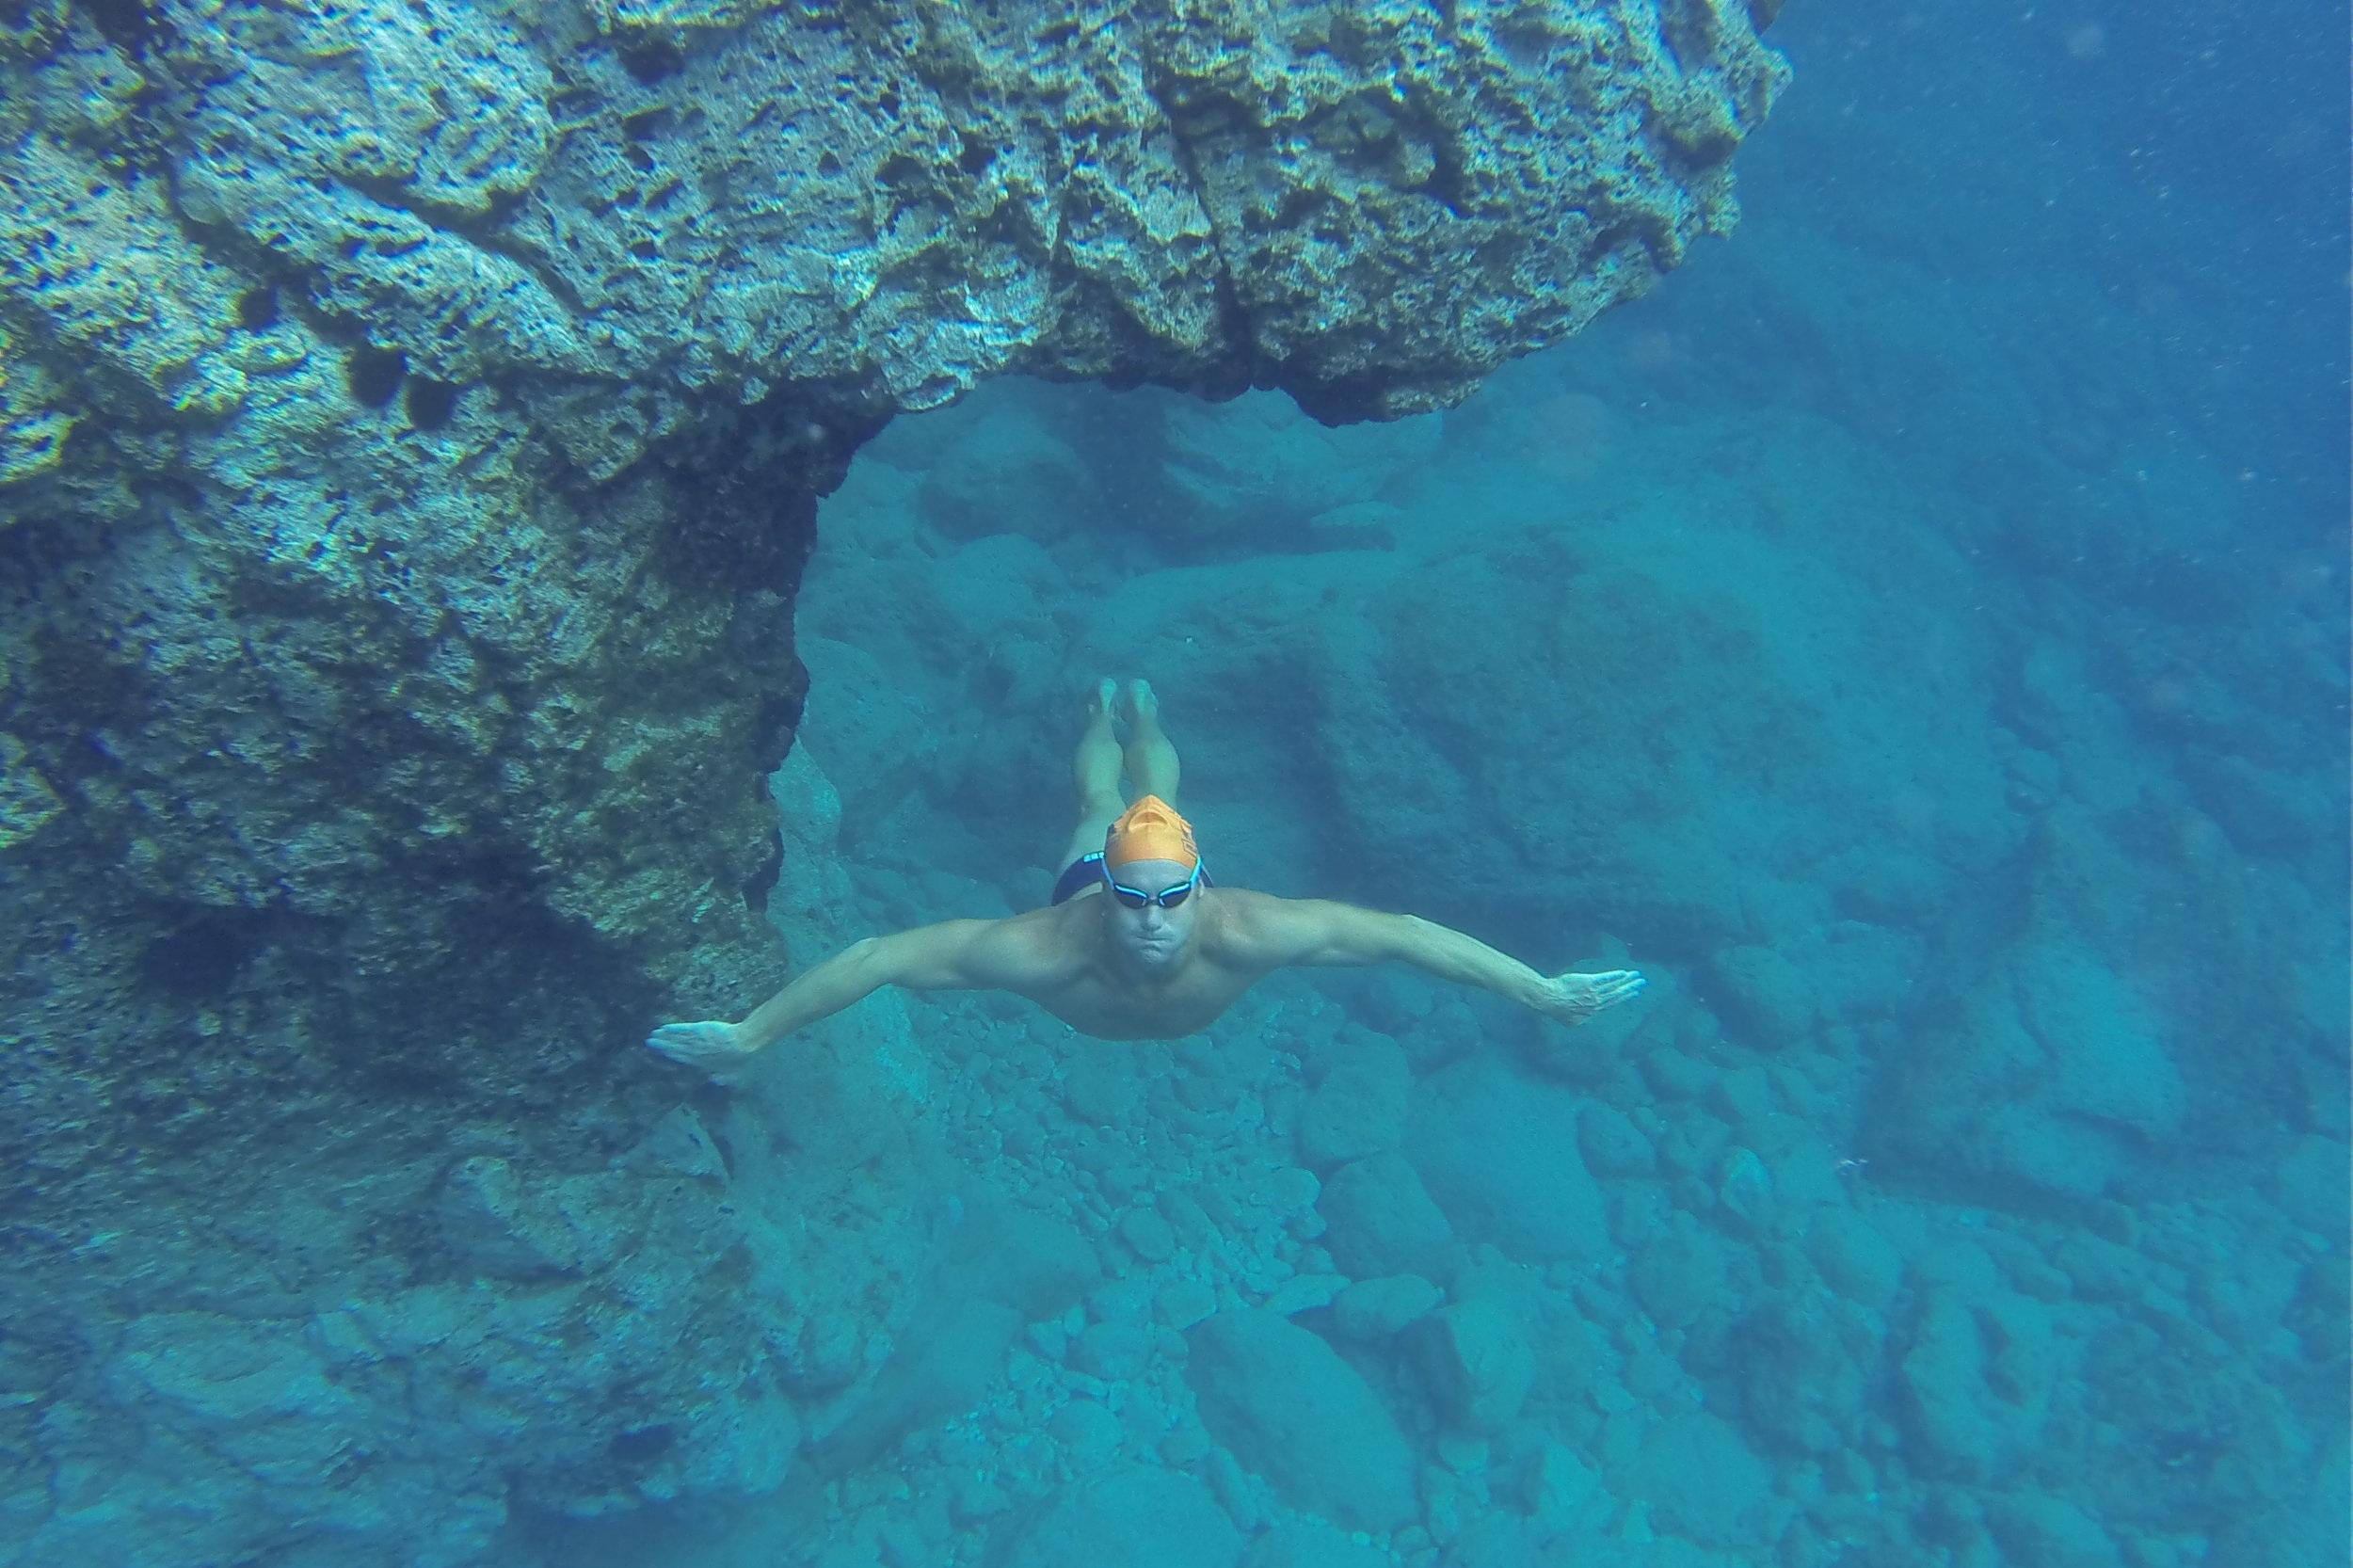 Terence+underwater+-+Milos%2C+GR.jpg